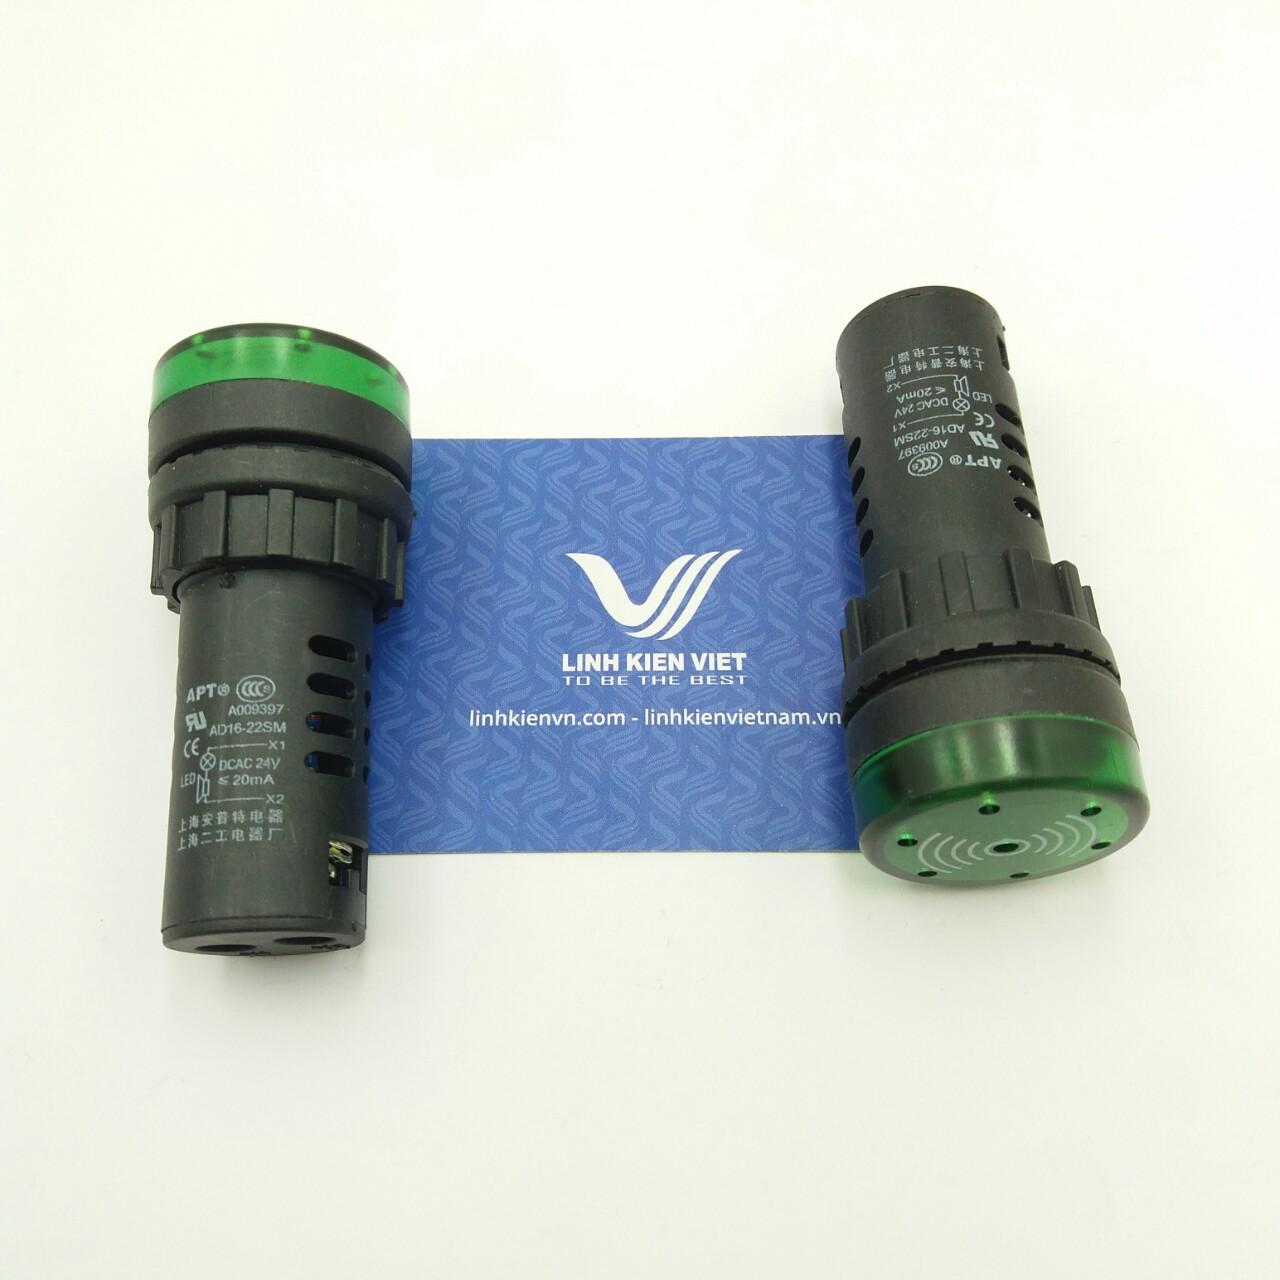 Còi cảnh báo AD16-22SM 24V AC/DC màu xanh lá có đèn i8H14